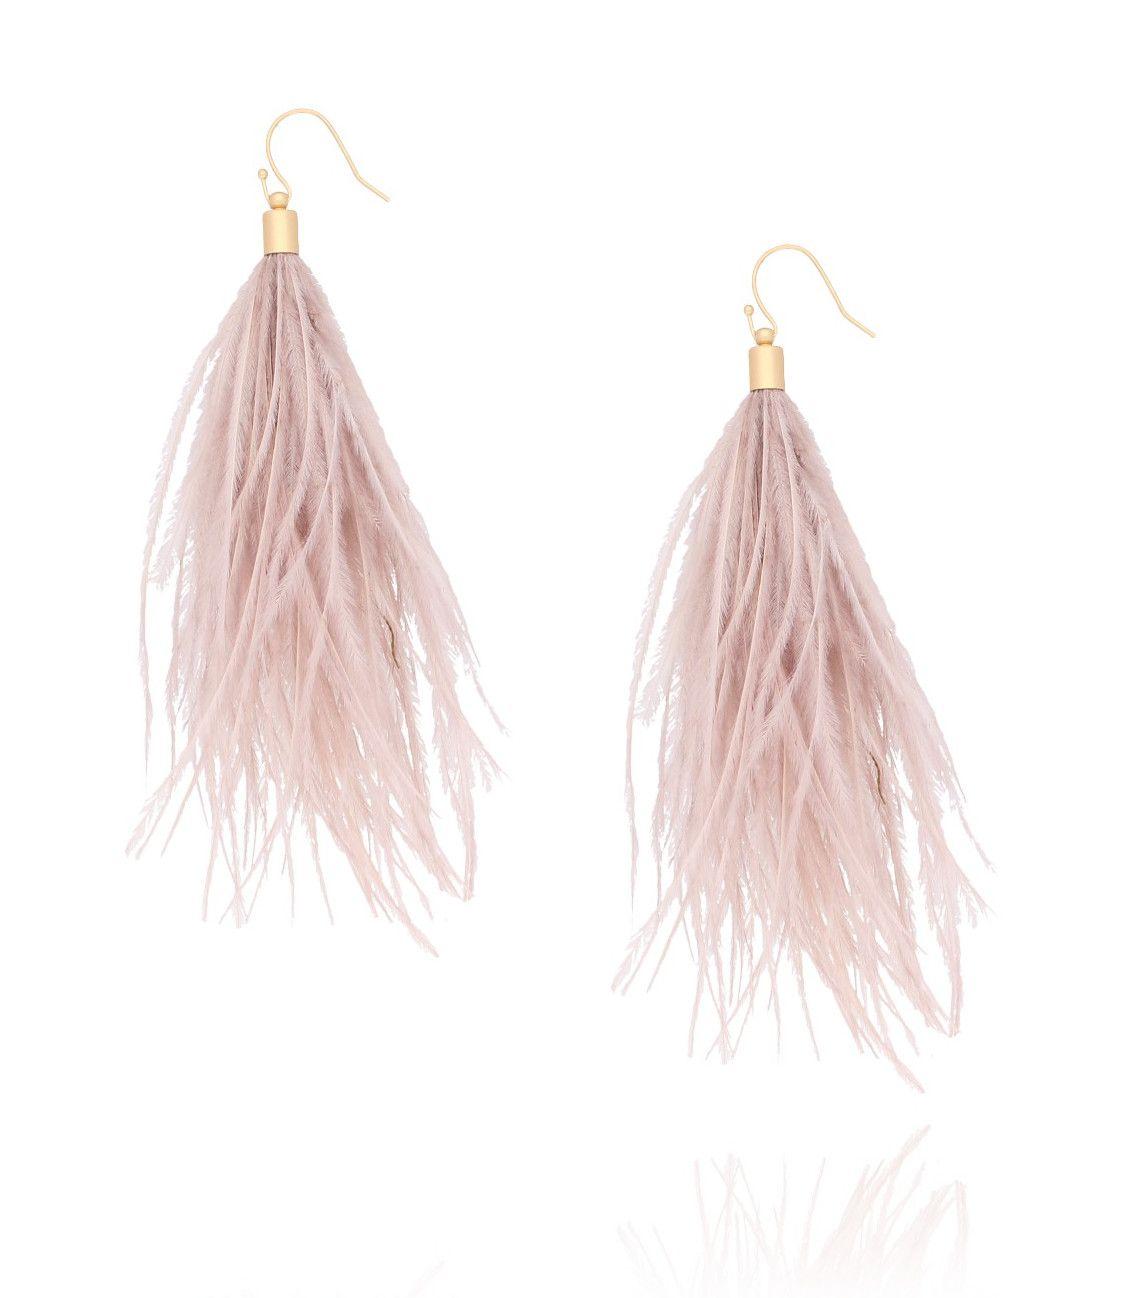 By Dziubeka w Olivia – SHINYWORLD – Twoje modowe inspiracje #pressroom #press #magazine #woman #shopping #jewellery #olivia